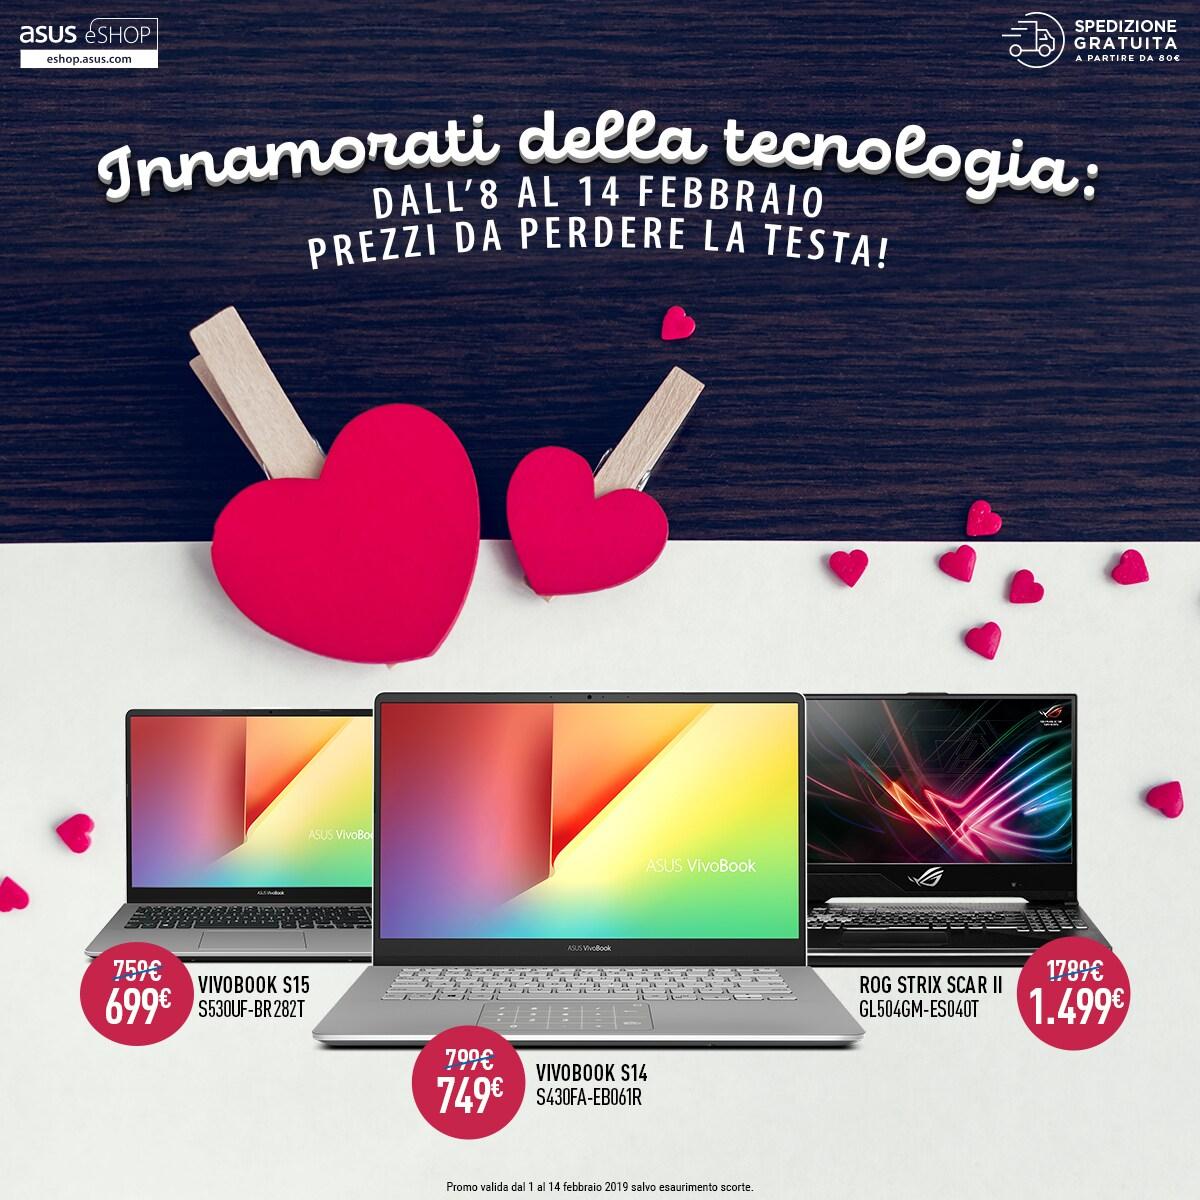 Con ASUS a San Valentino trionfa l'amore per la tecnologia: forti sconti su smartphone, notebook e accessori